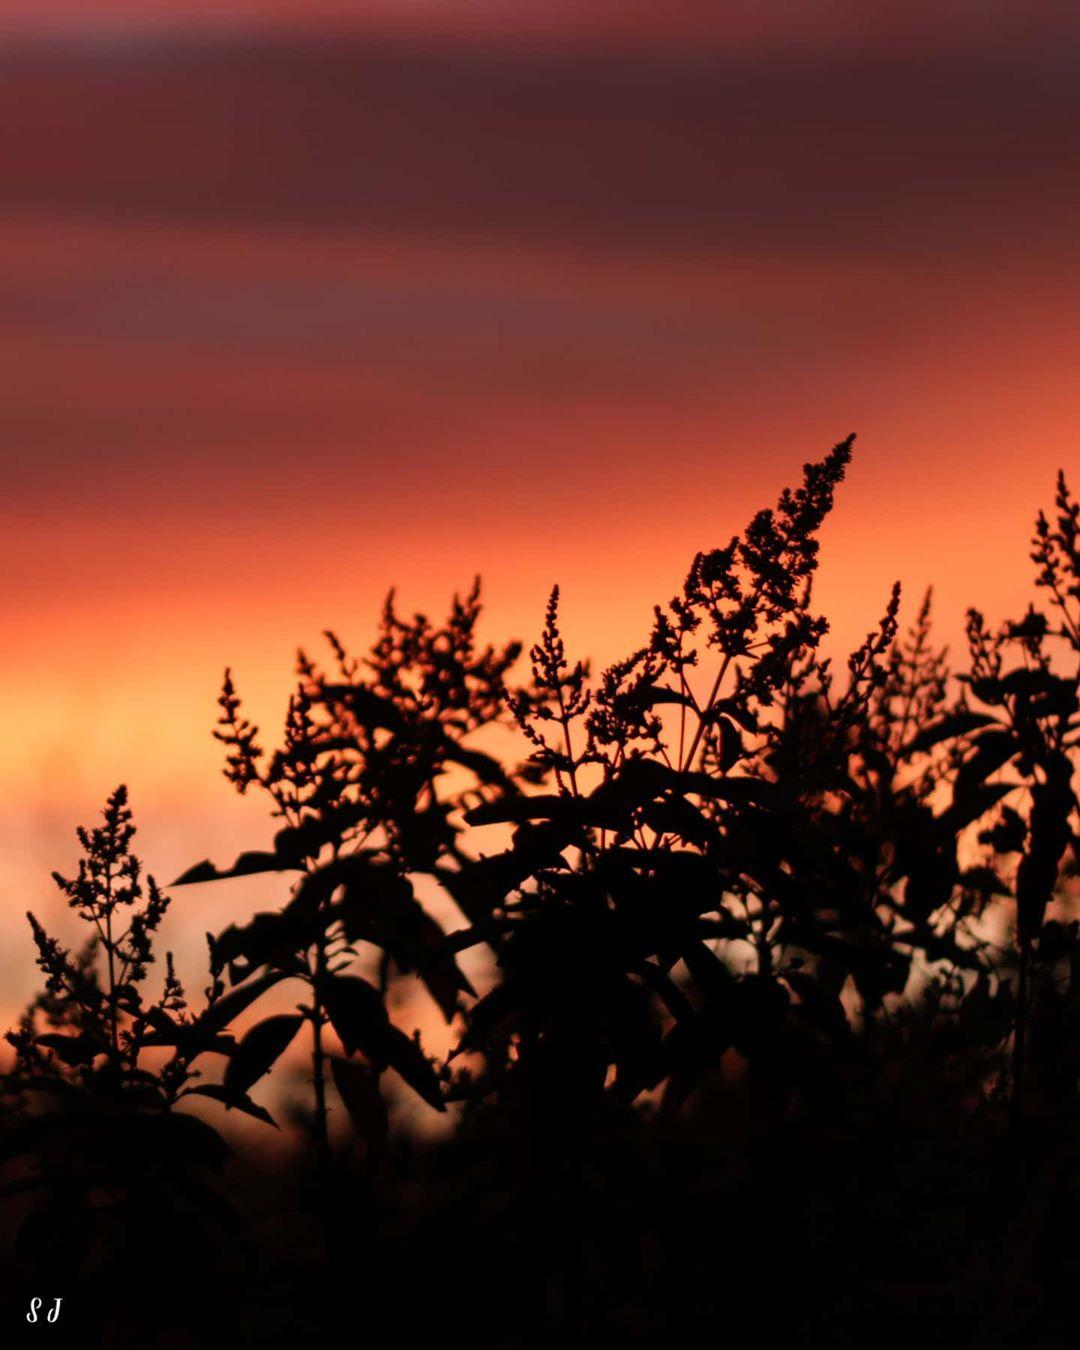 Morning reddish sky